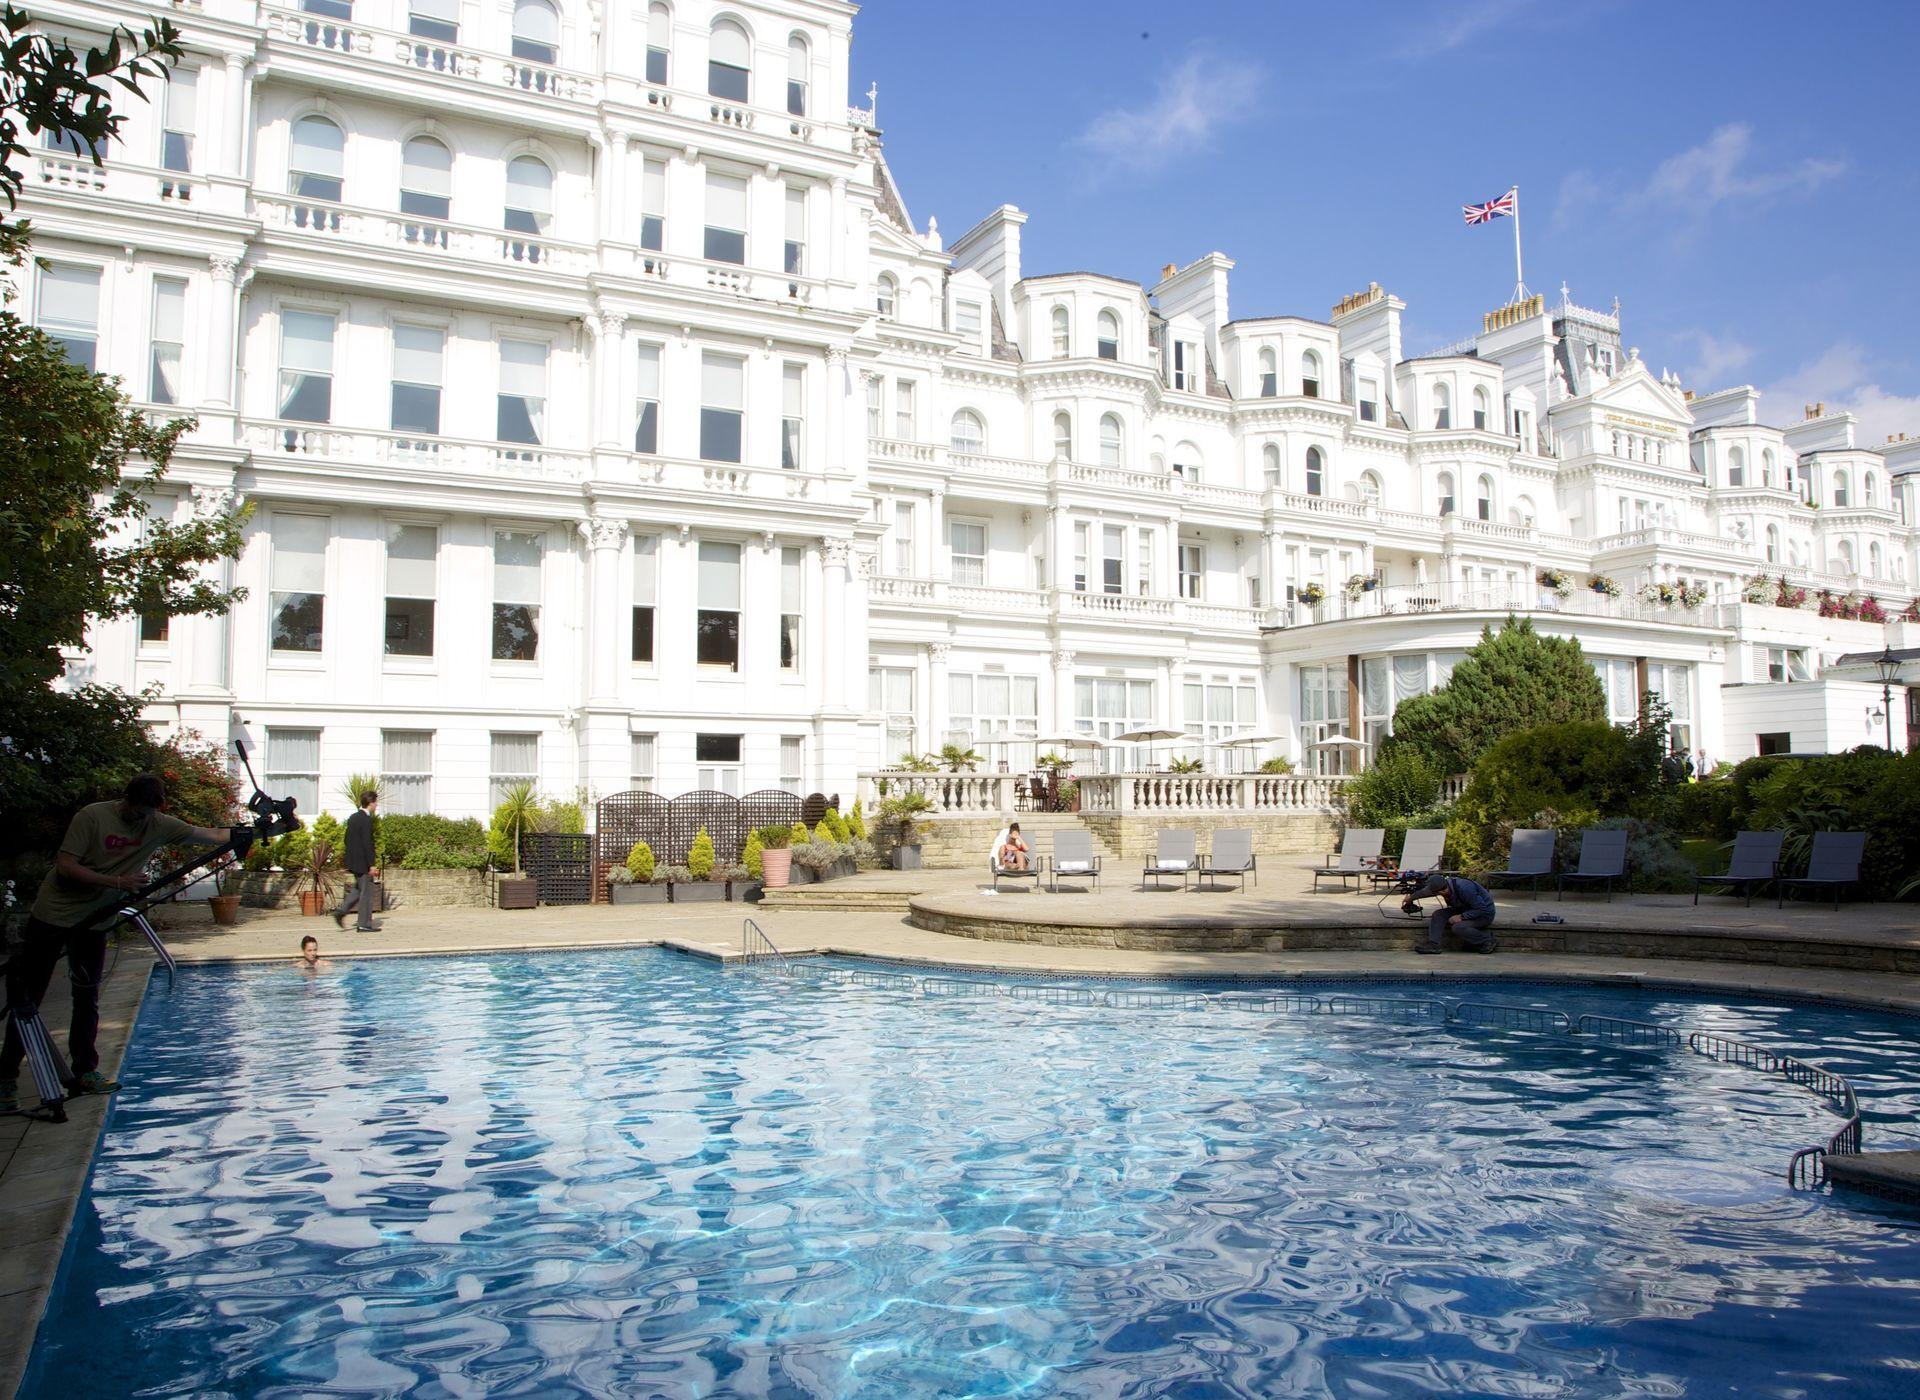 The Grand Hotel Eastbourne Dorset England